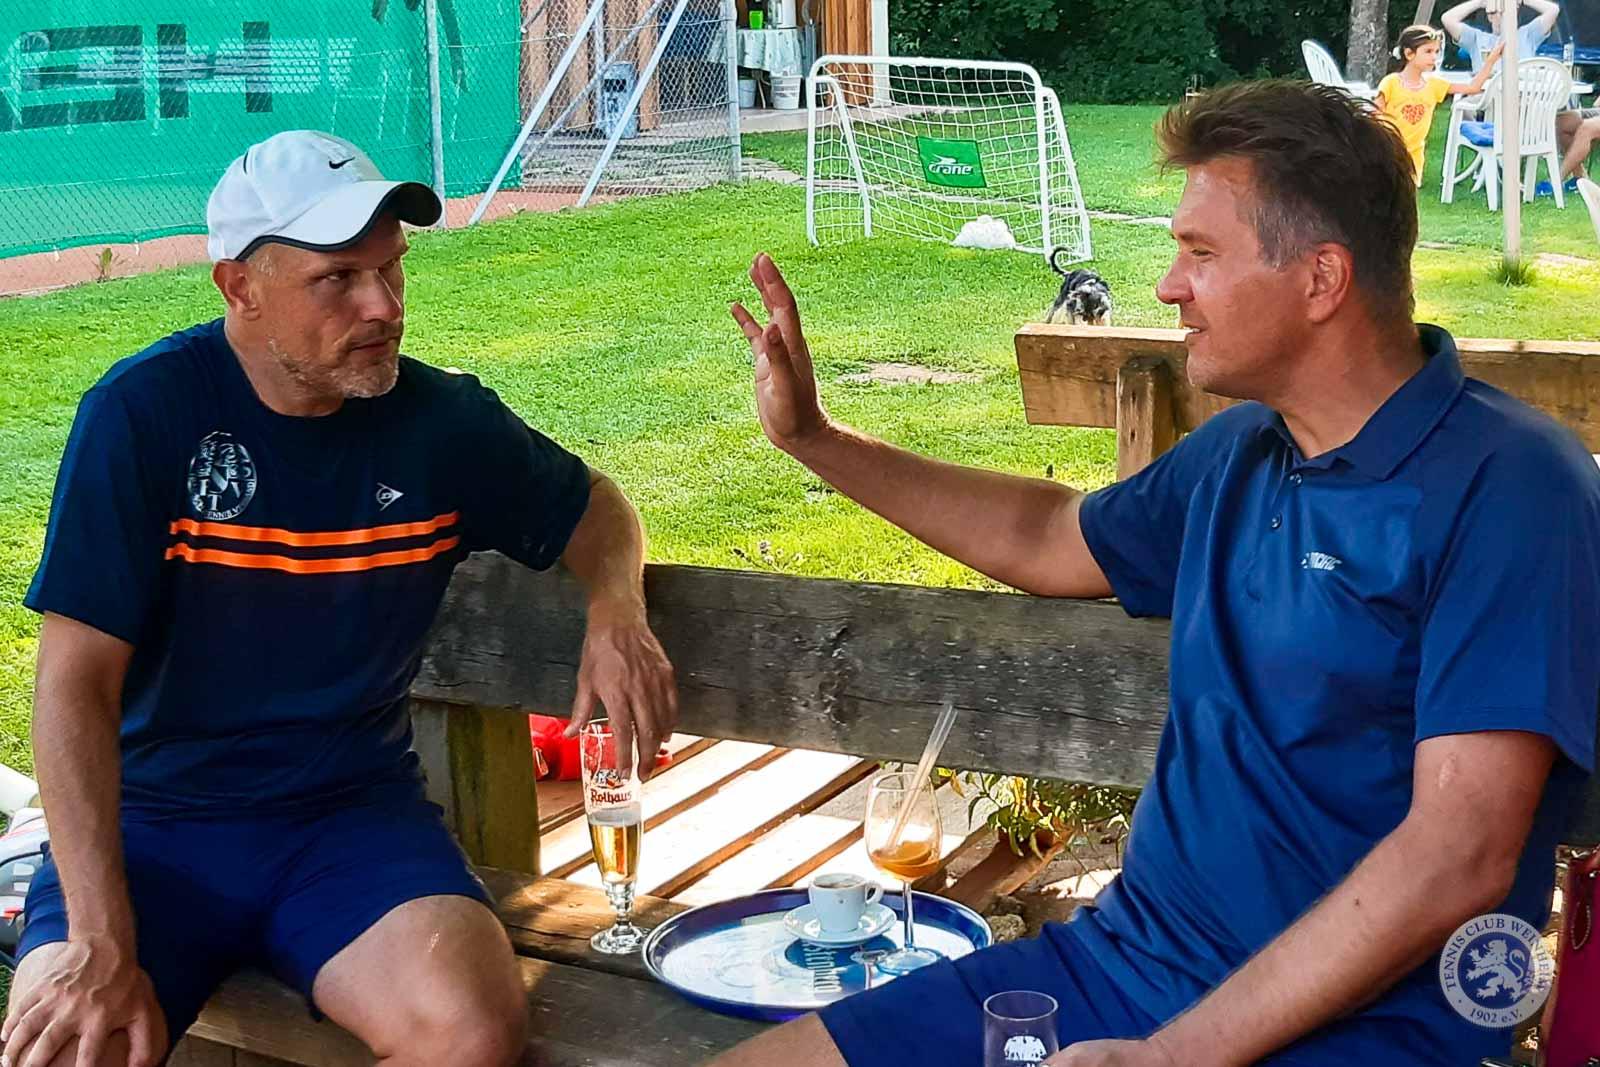 Jürgen Schäfer und Matthias Czwikla vom Team Baden bei den Großen Schomburgk-Spielen 2019